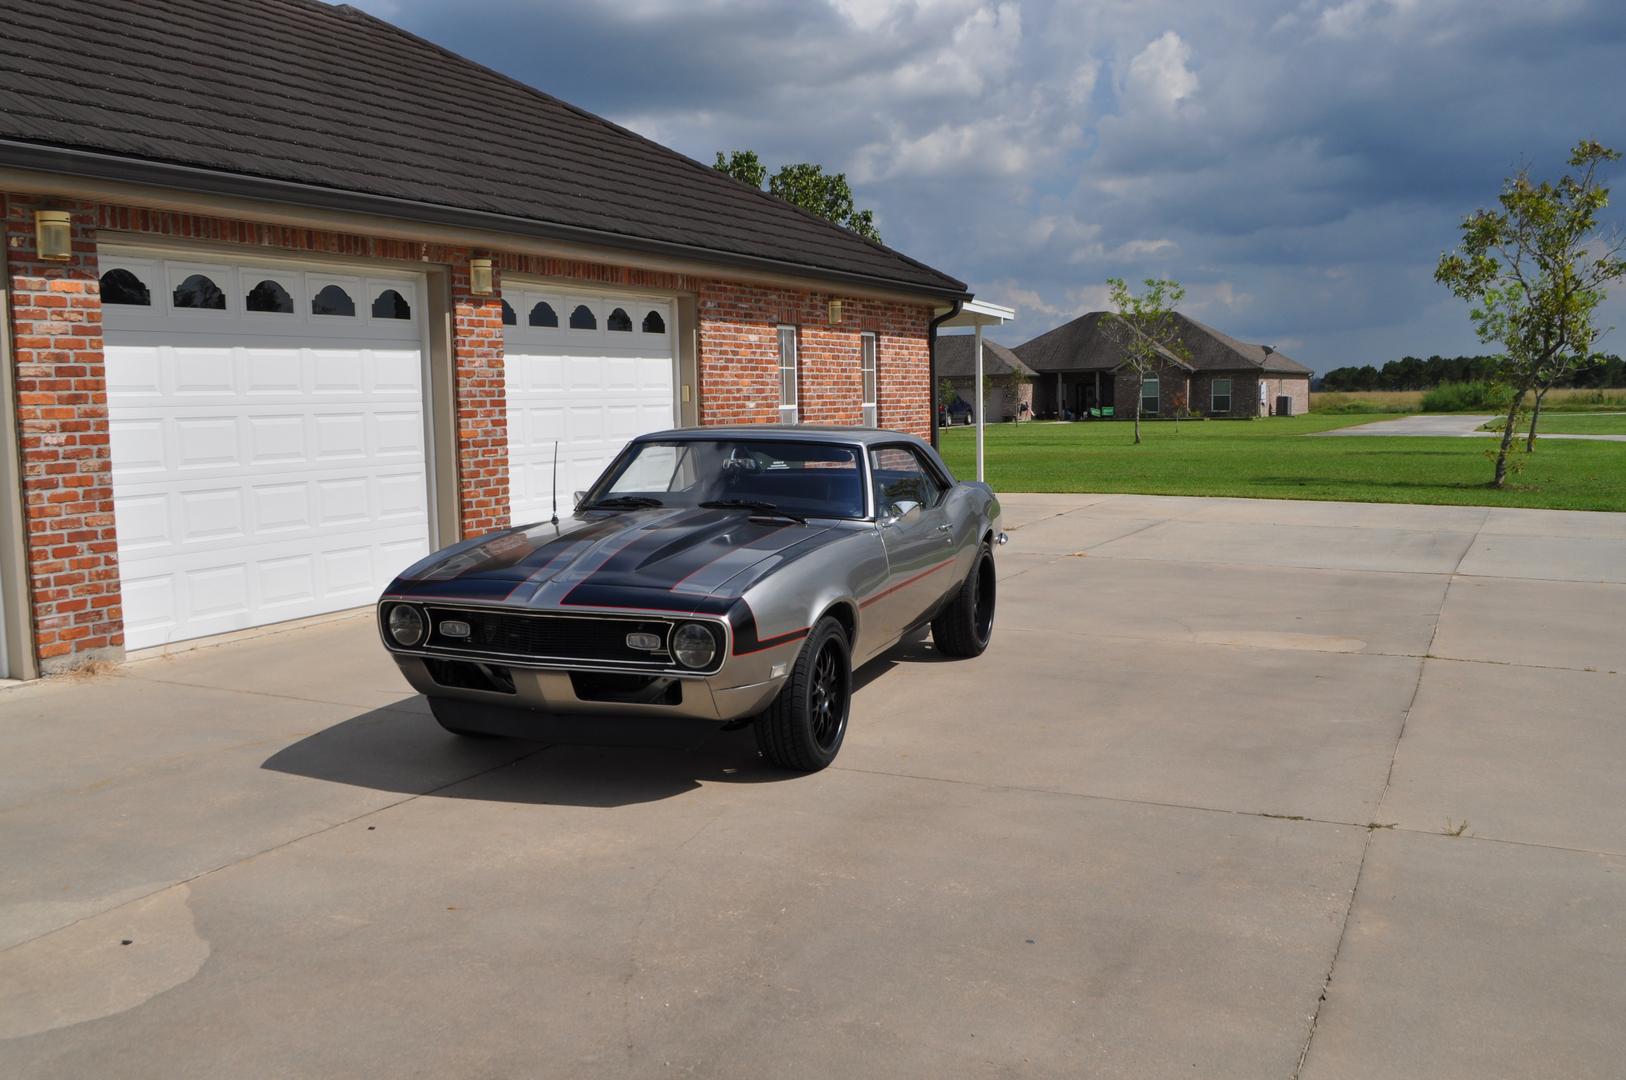 Road Hog LLC Classic Car Restoration Paint And Mechanic Work - Classic car paint